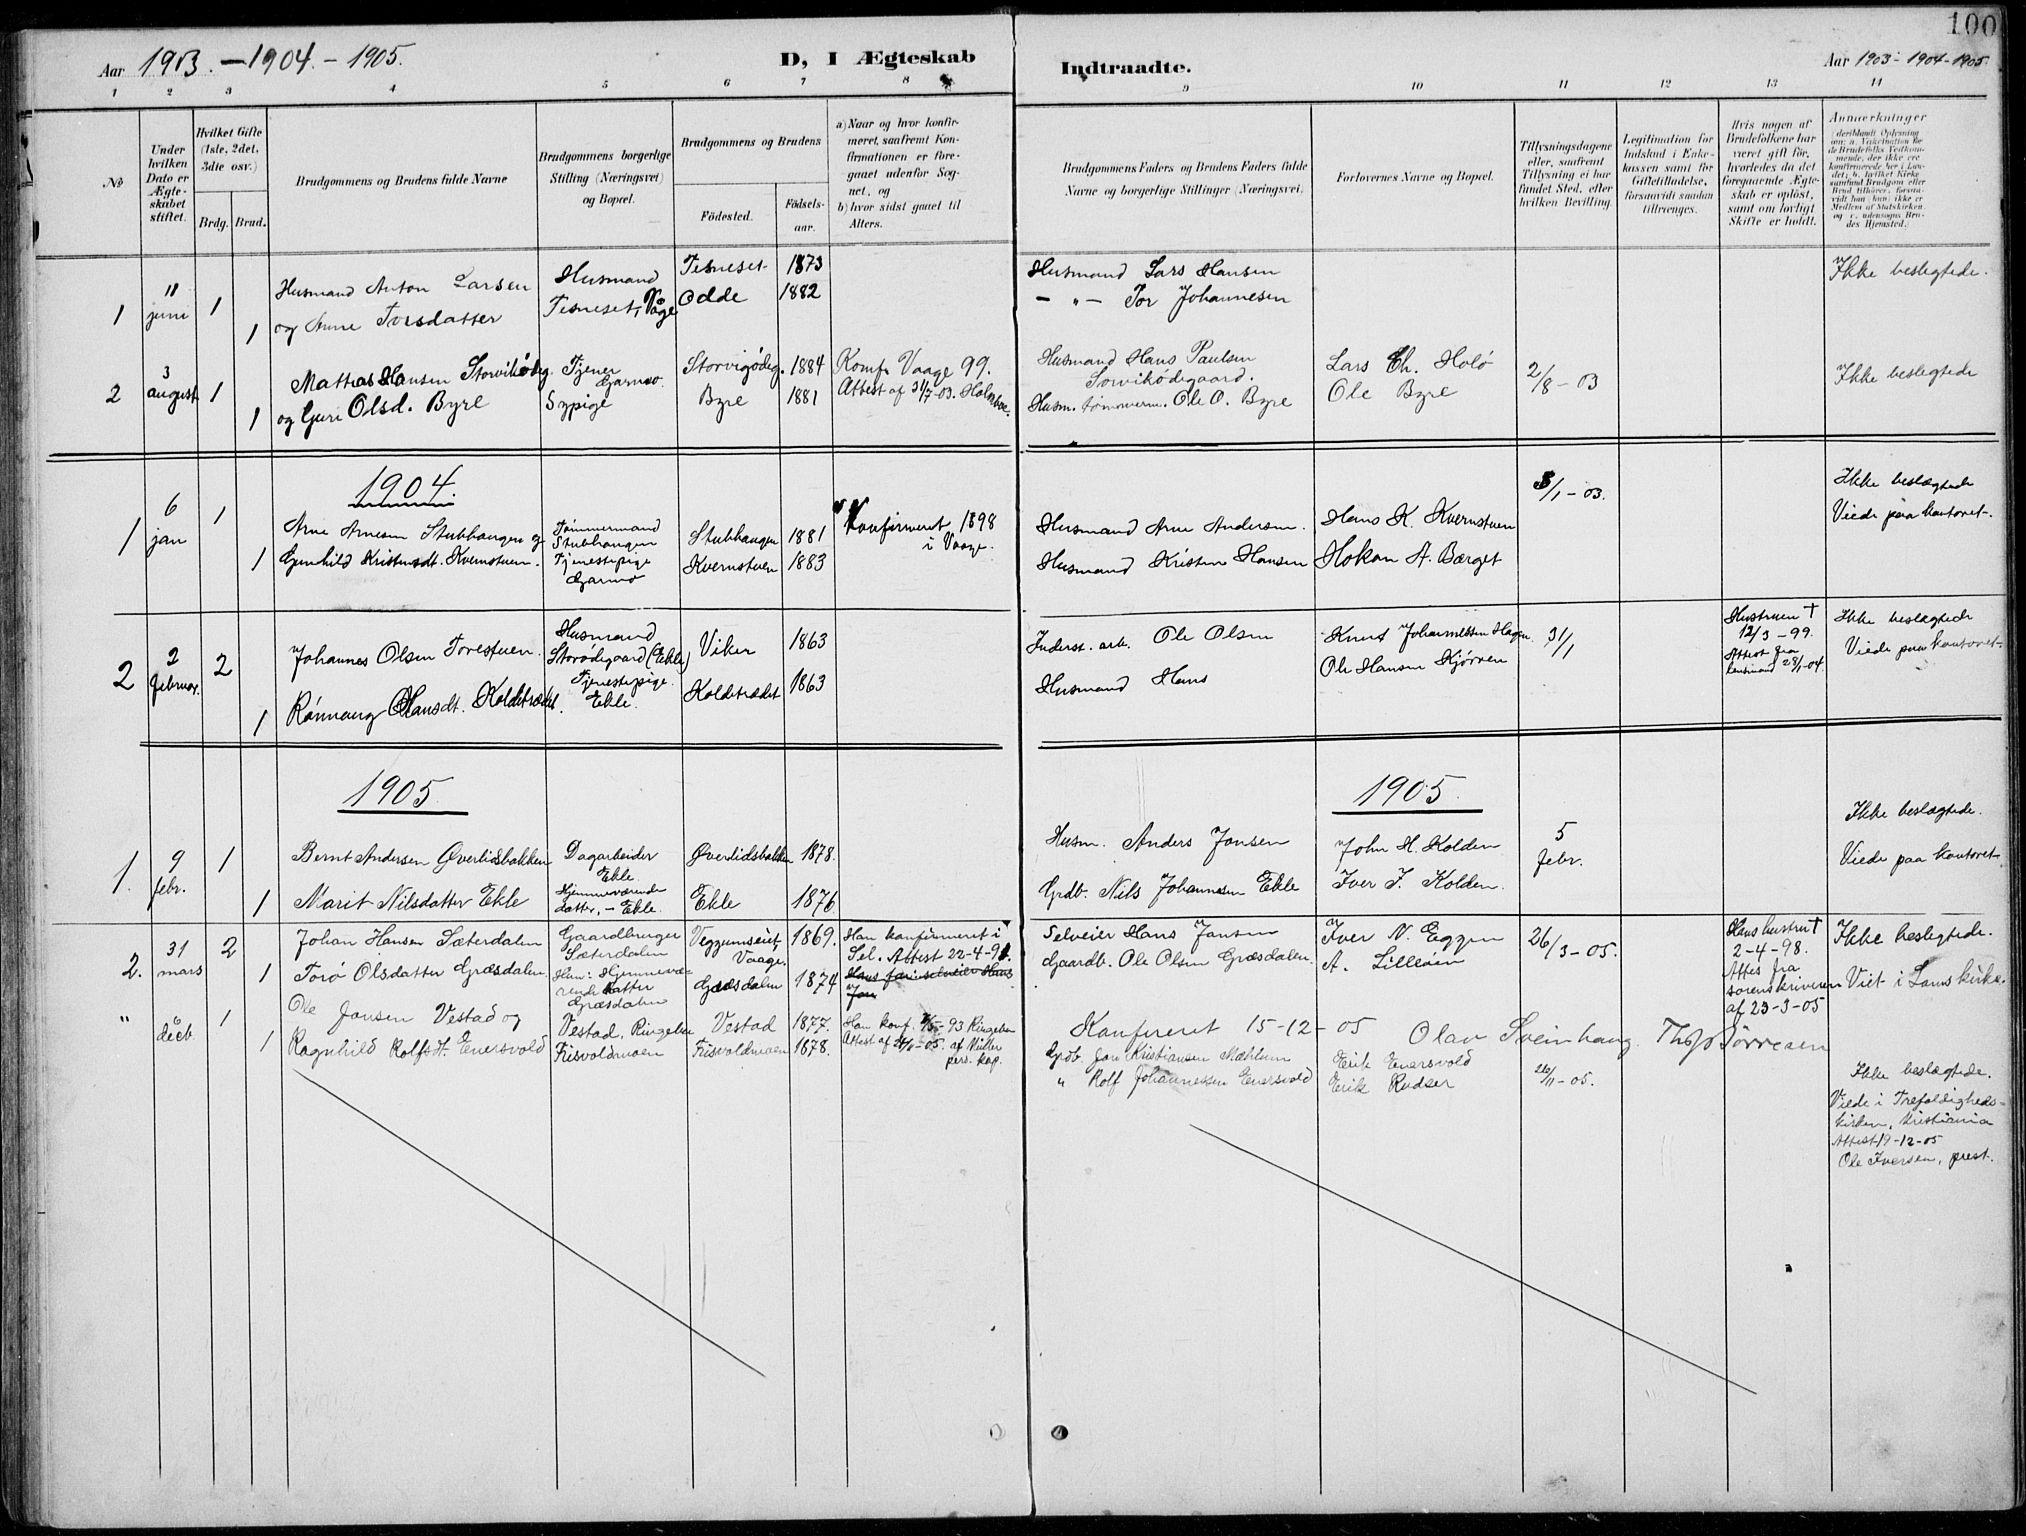 SAH, Lom prestekontor, L/L0006: Klokkerbok nr. 6, 1901-1939, s. 100